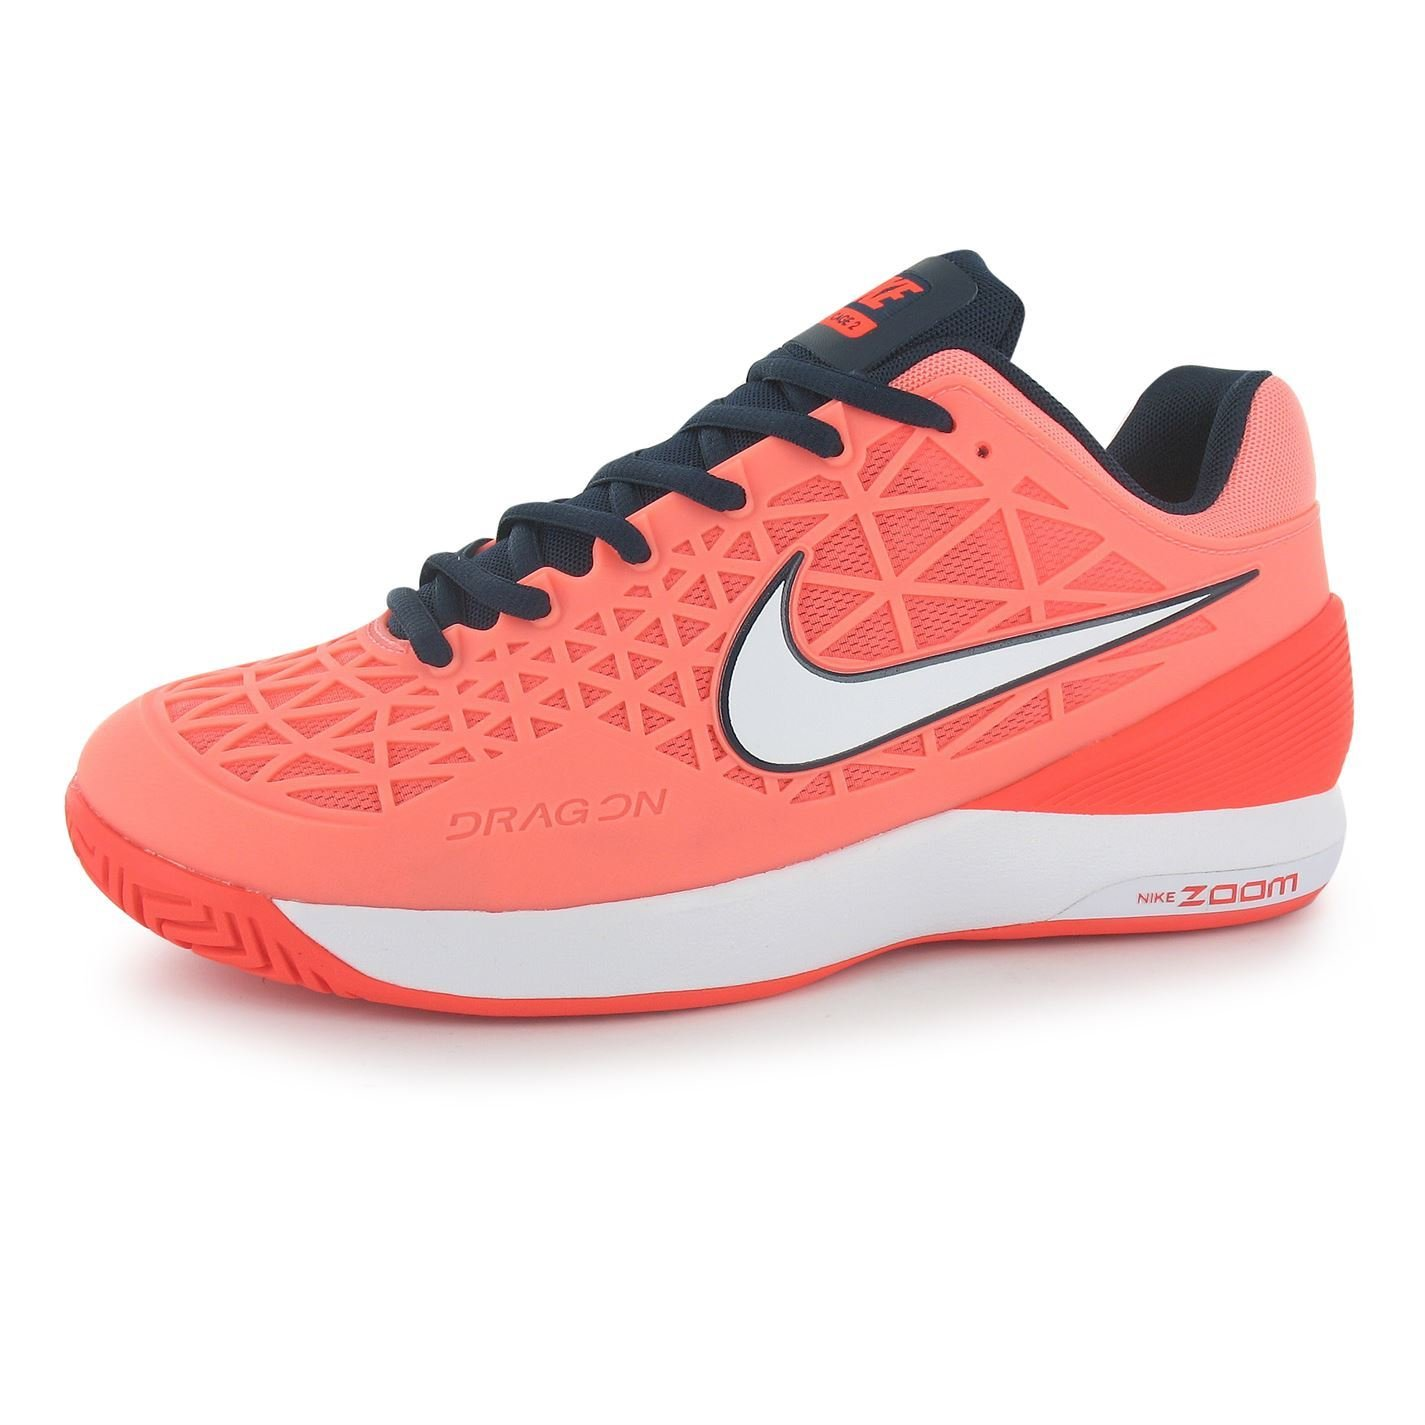 Nike Zoom Cage 2 - Zapatillas de tenis para mujer, color rosa/azul ...